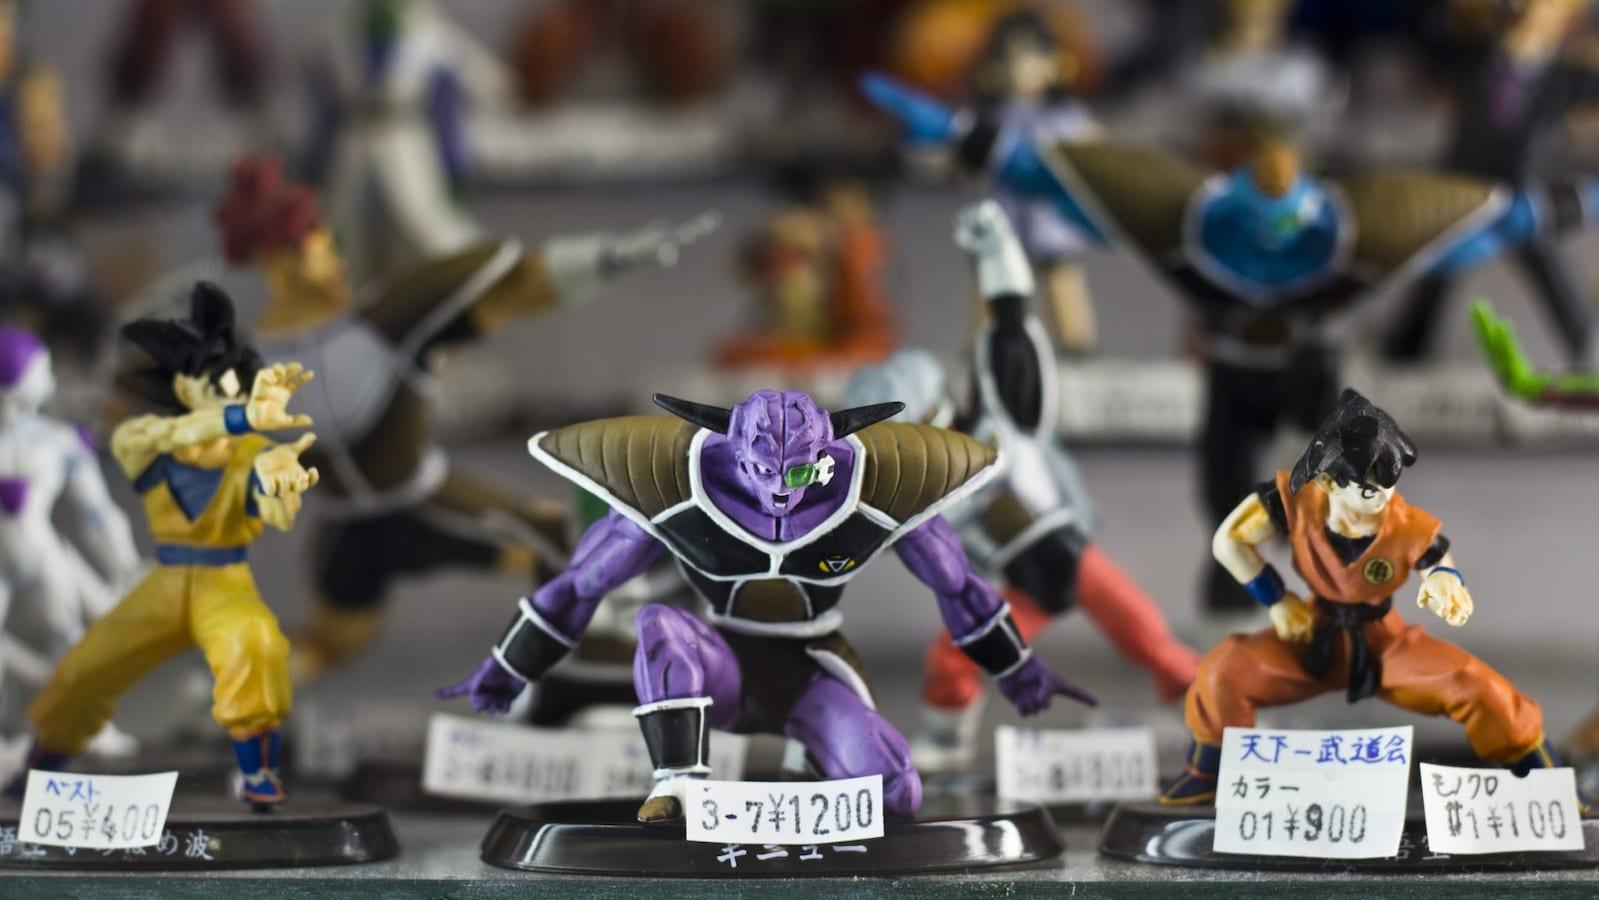 致那些無可救藥的收集癖患者,遍尋日本7個最能淘到好玩具的地方 | All About Japan